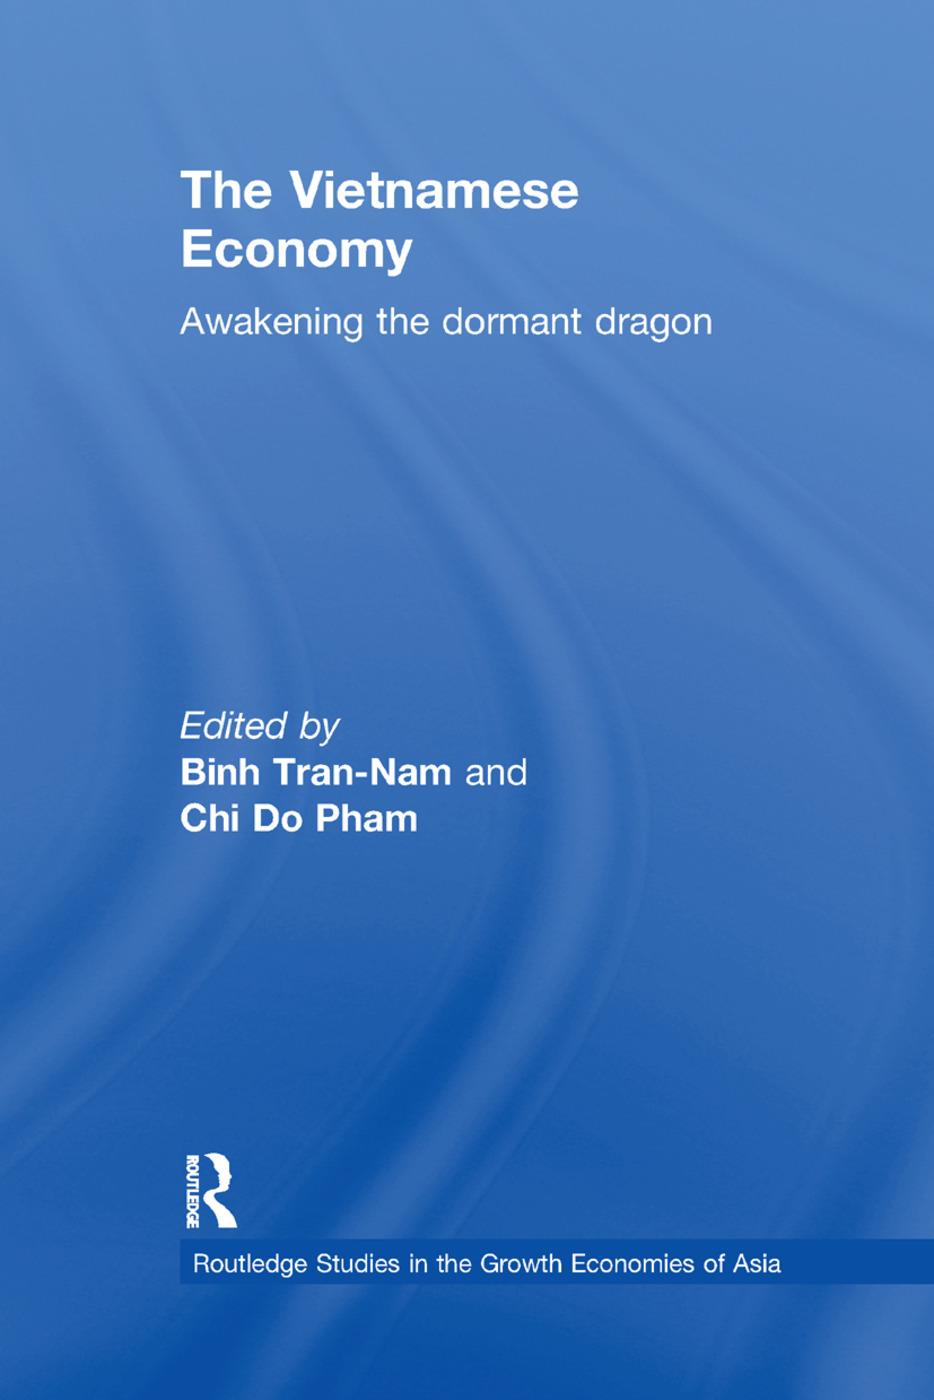 The Vietnamese Economy